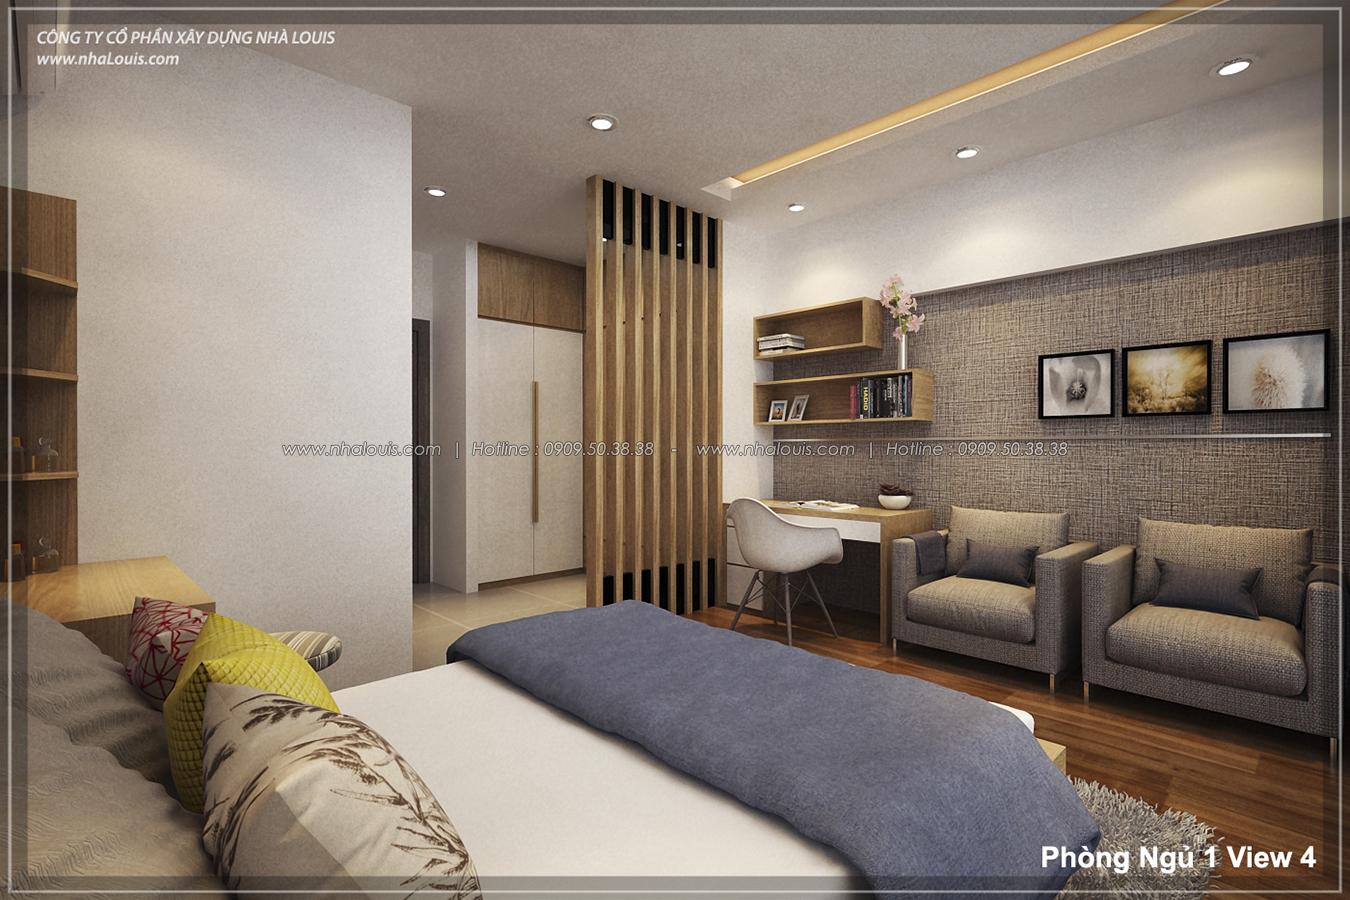 Thiết kế nhà lệch tầng hiện đại mặt tiền 4.5m x 14.5m tại quận Tân Bình - 15